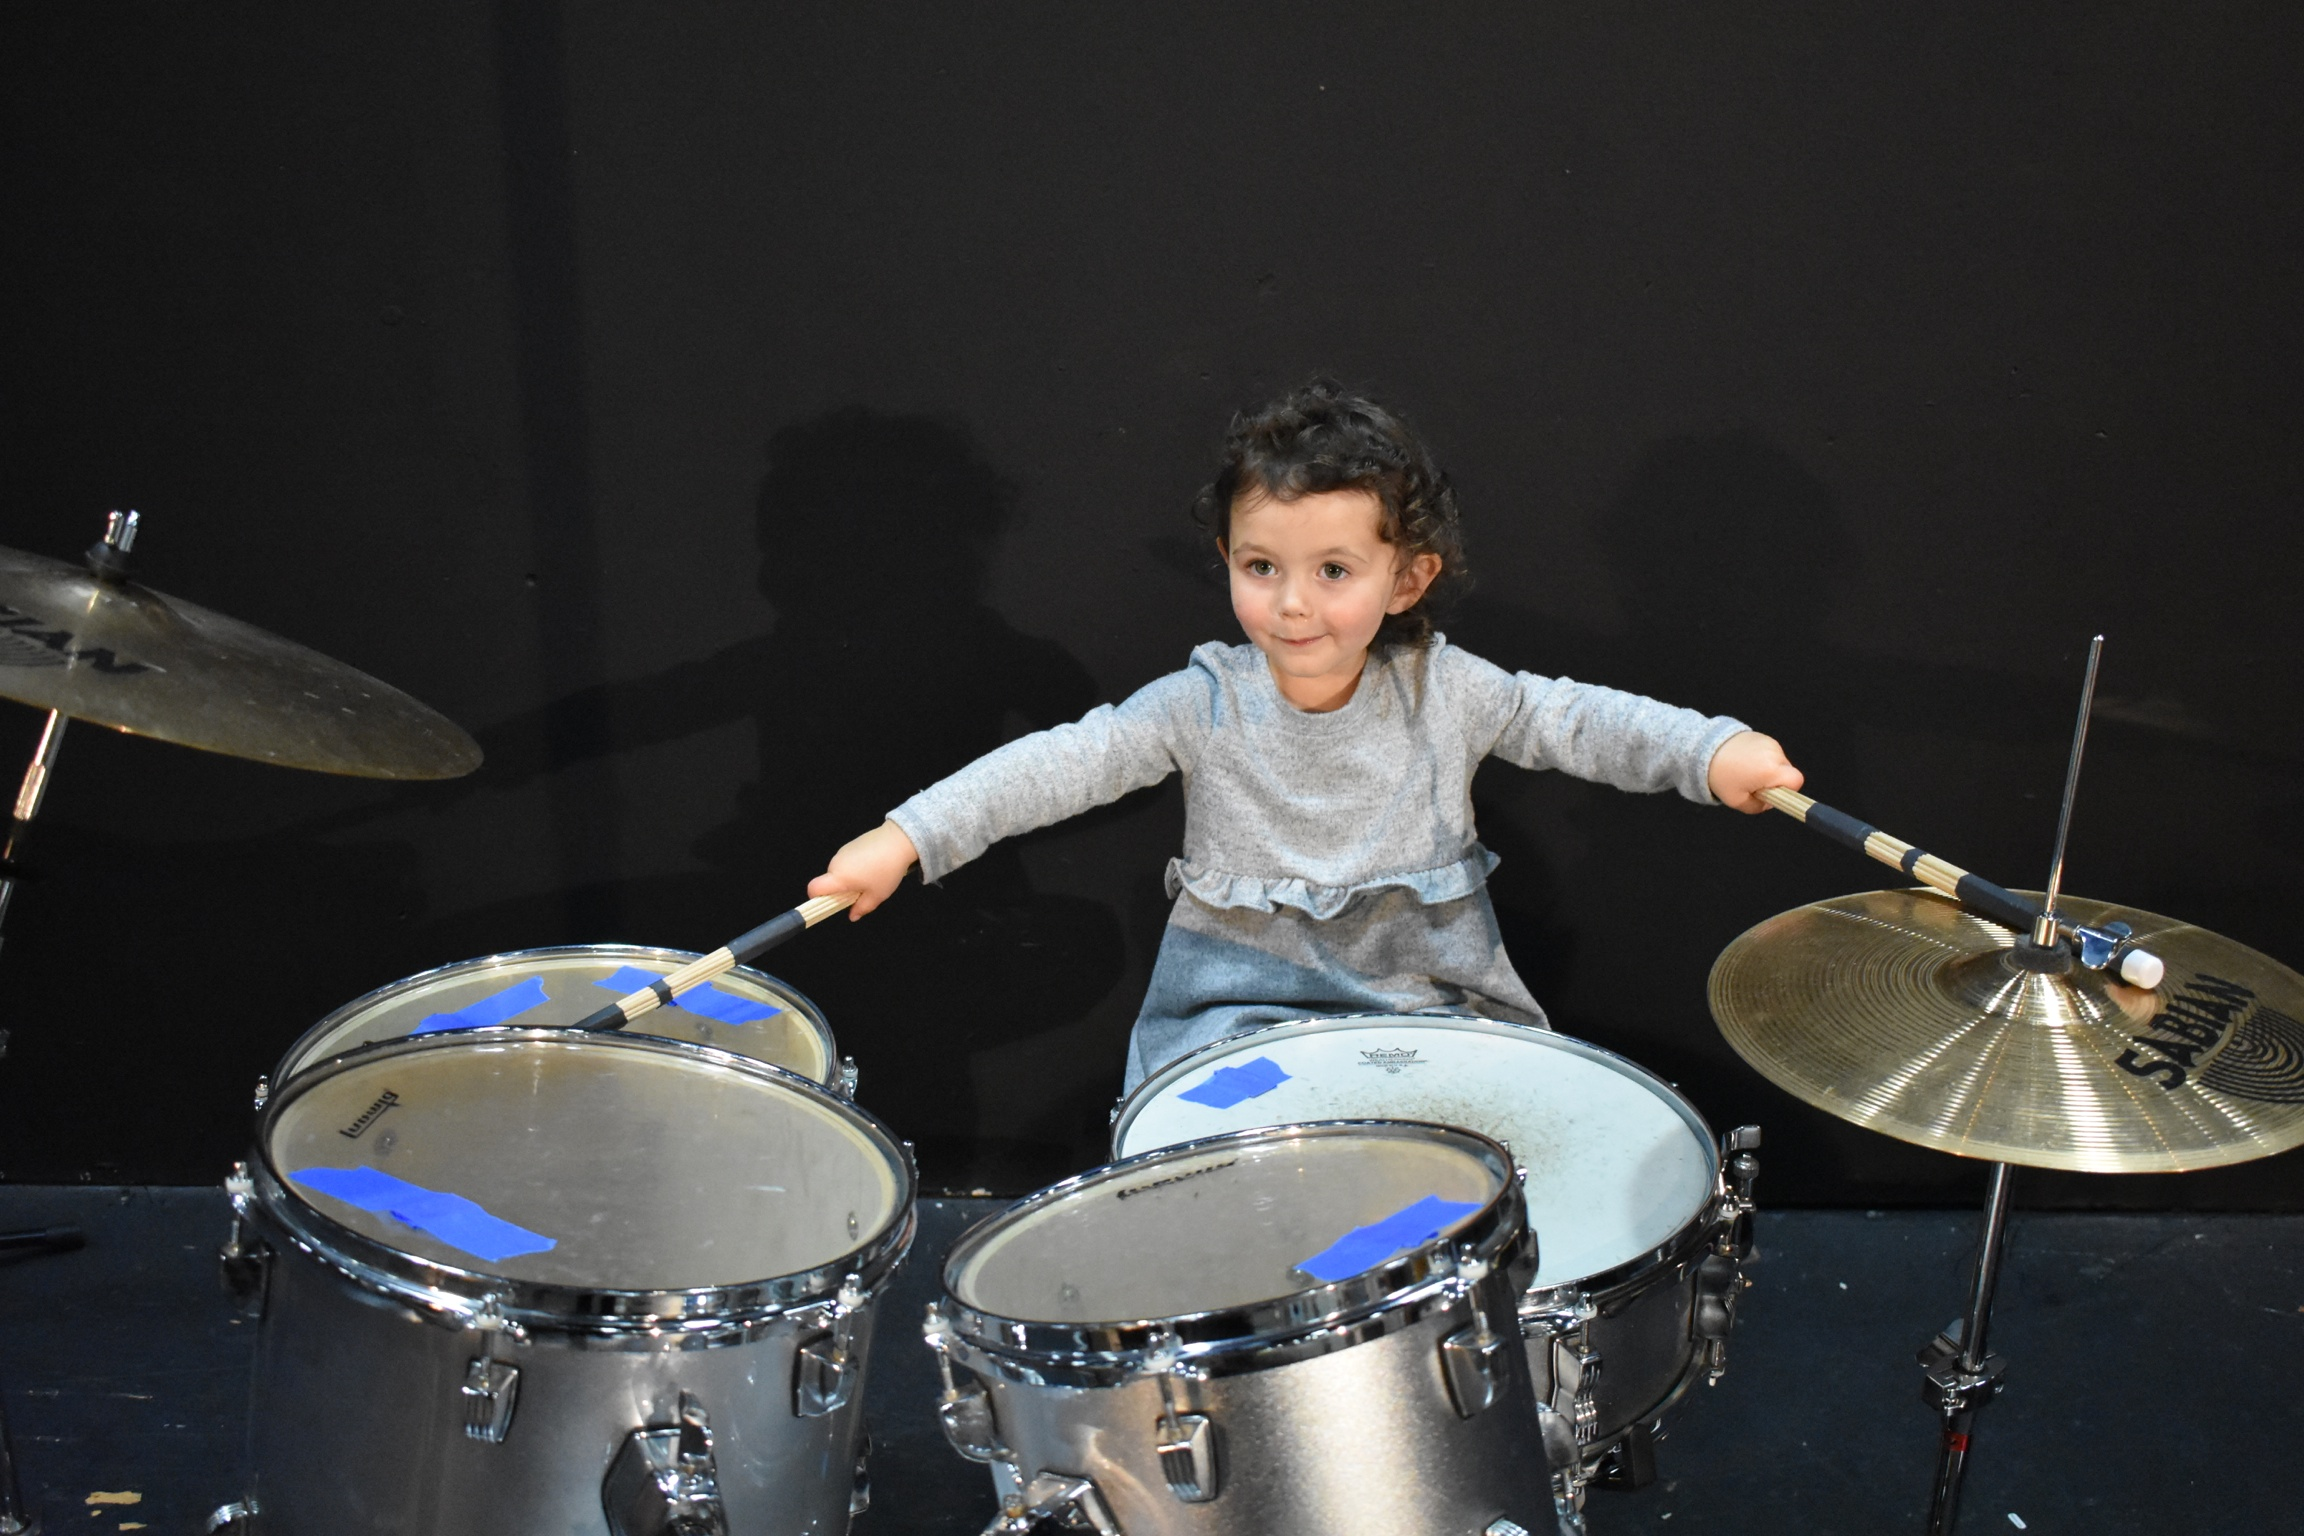 daisy on drums.JPG